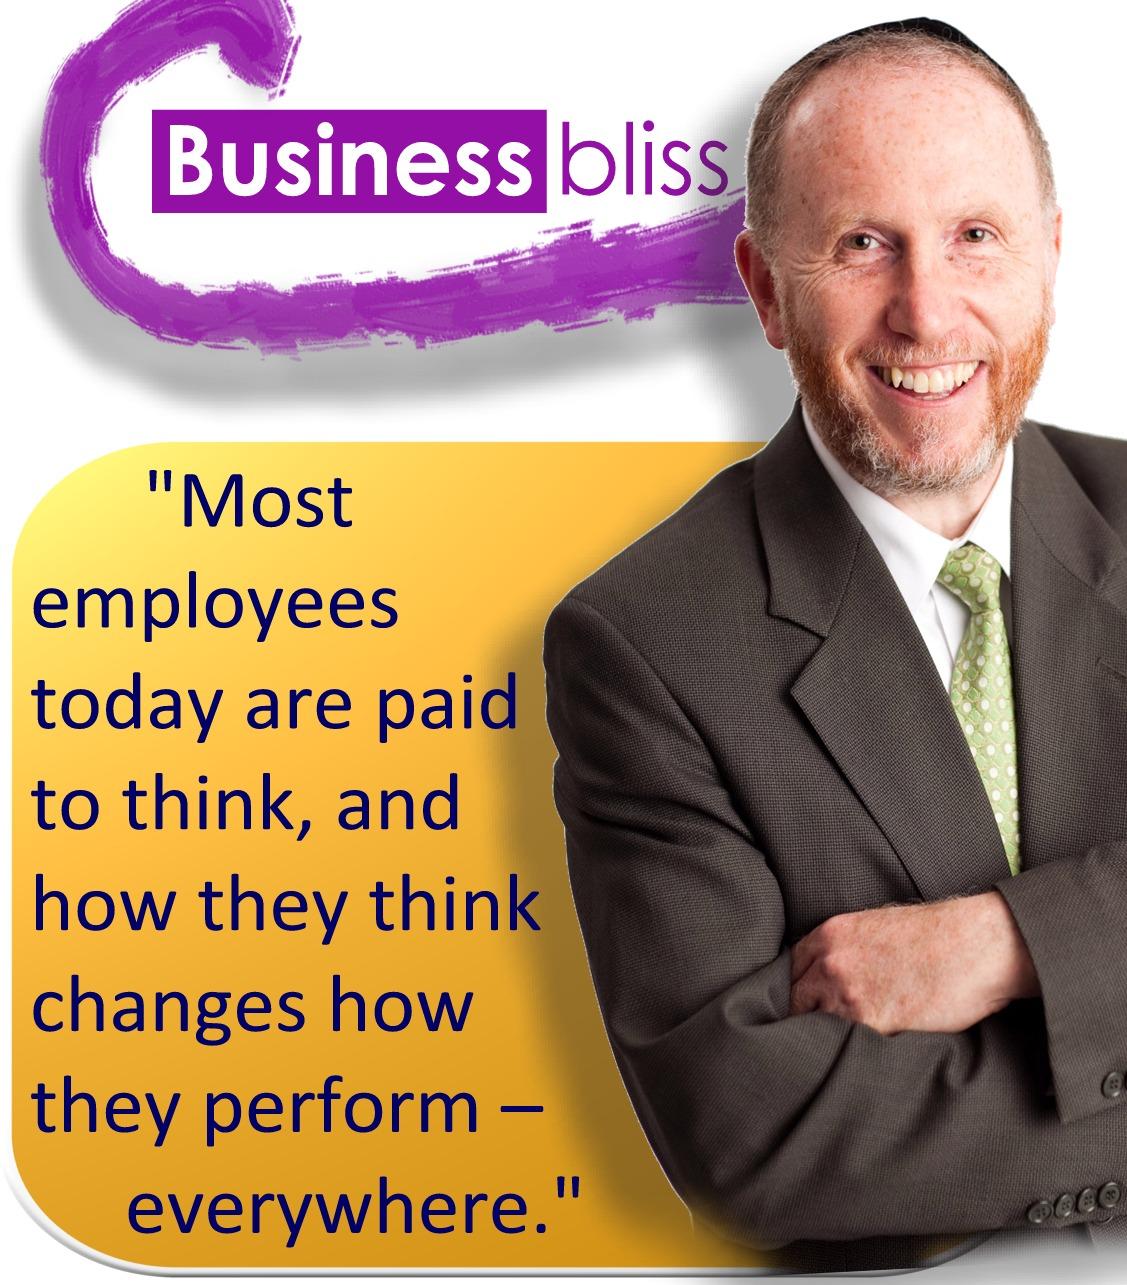 business bliss 1.jpg